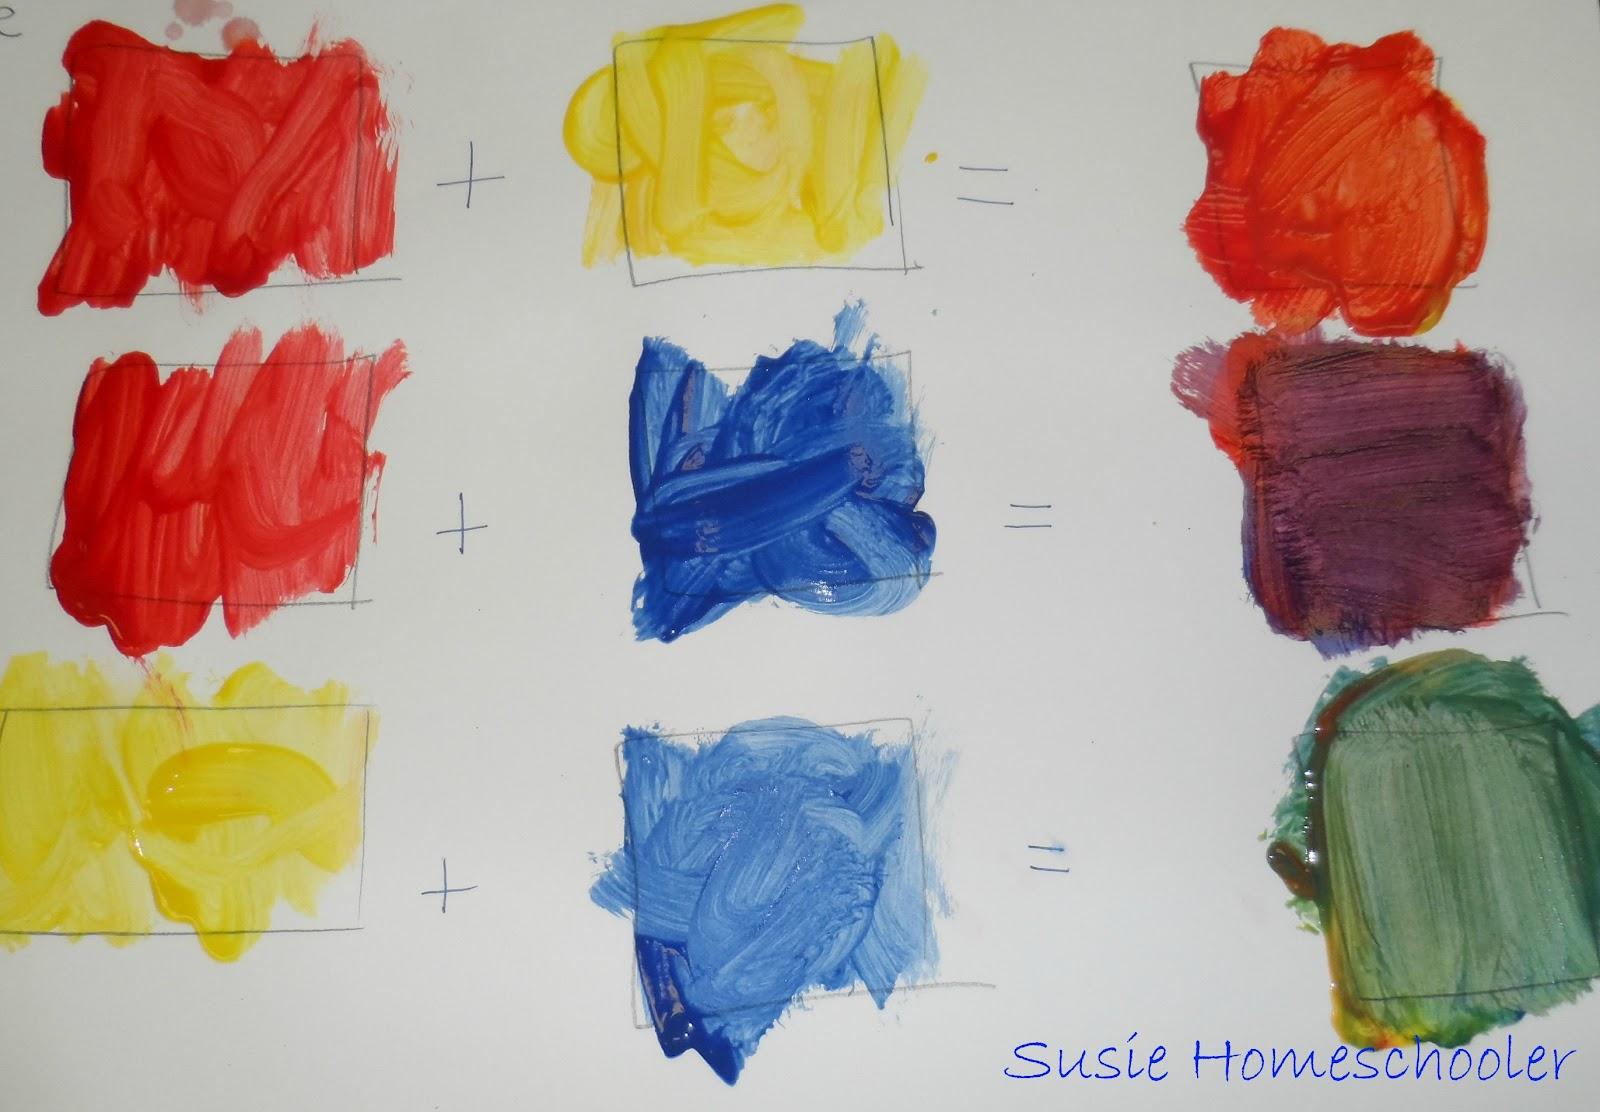 Susie Homeschooler